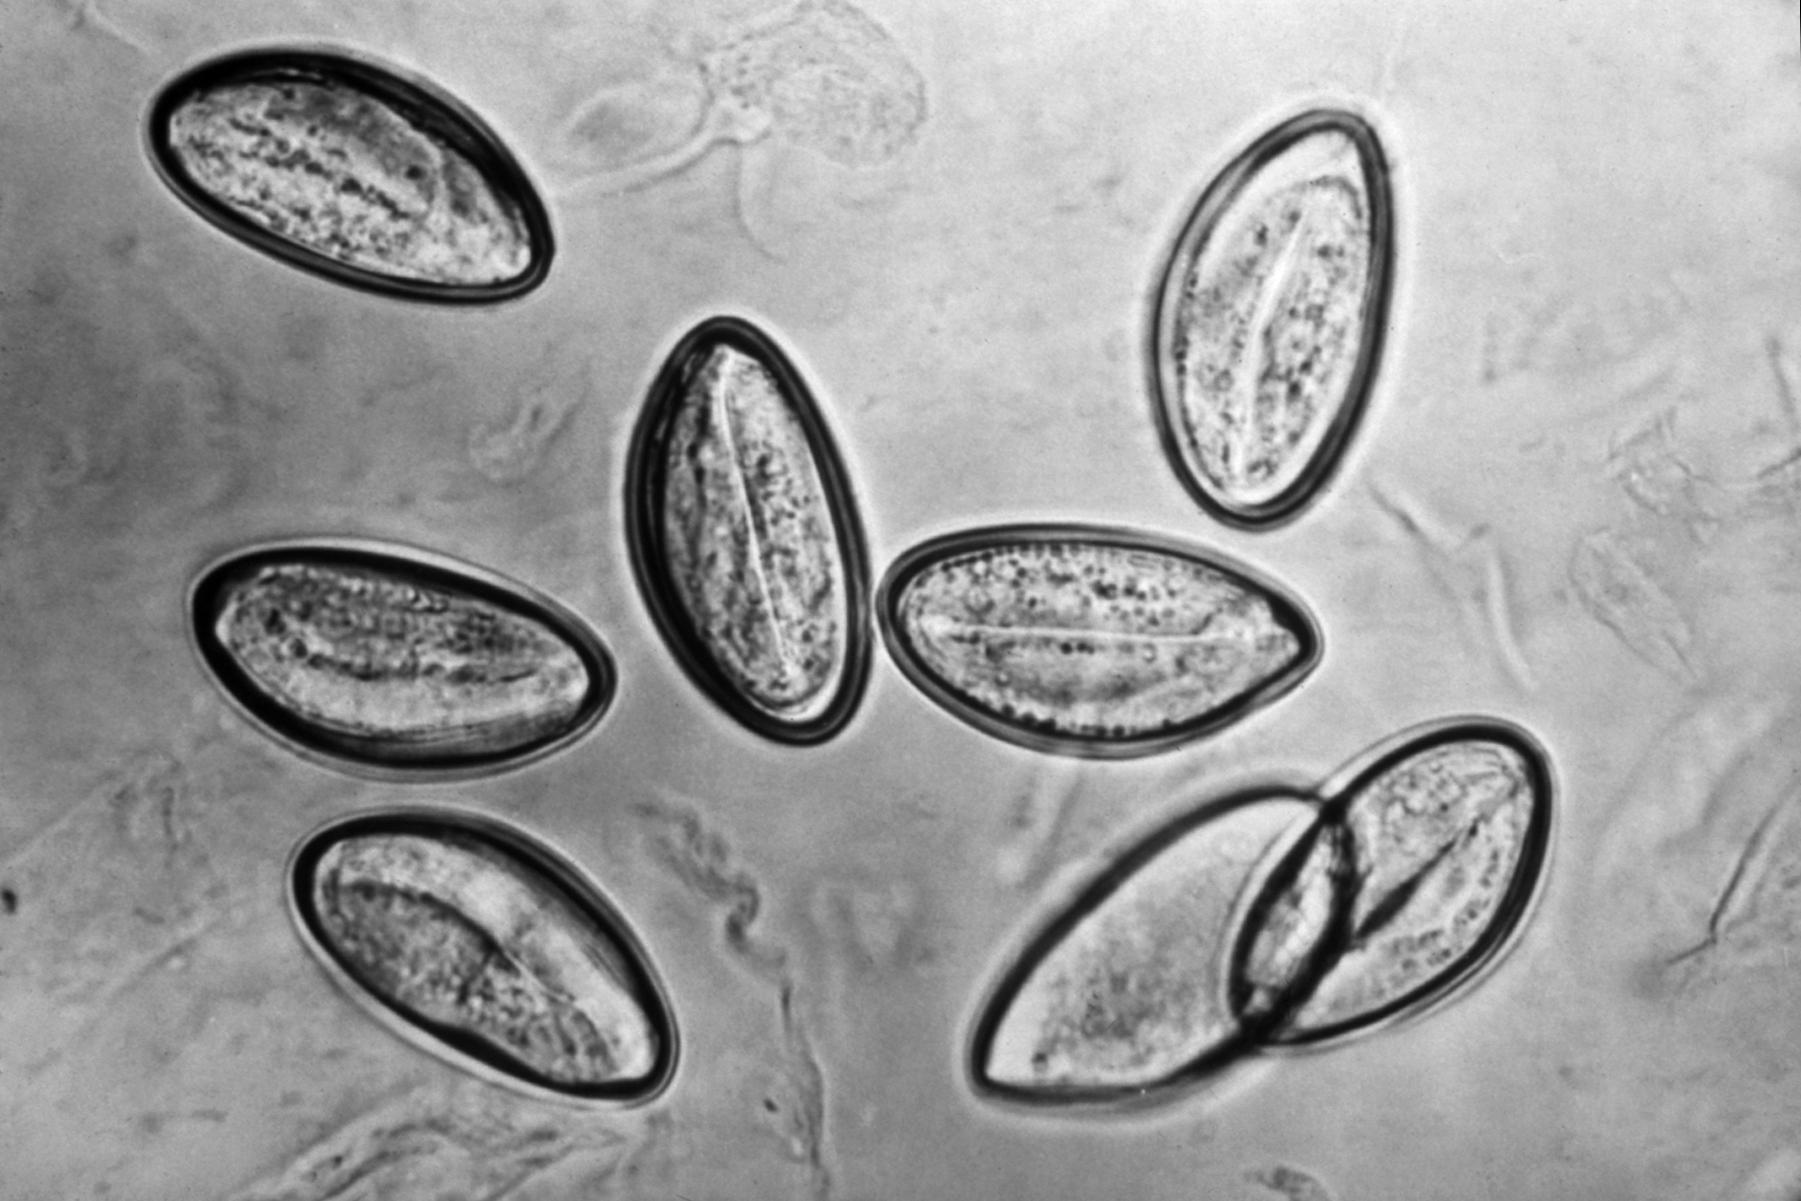 enterobiasis epidemiology